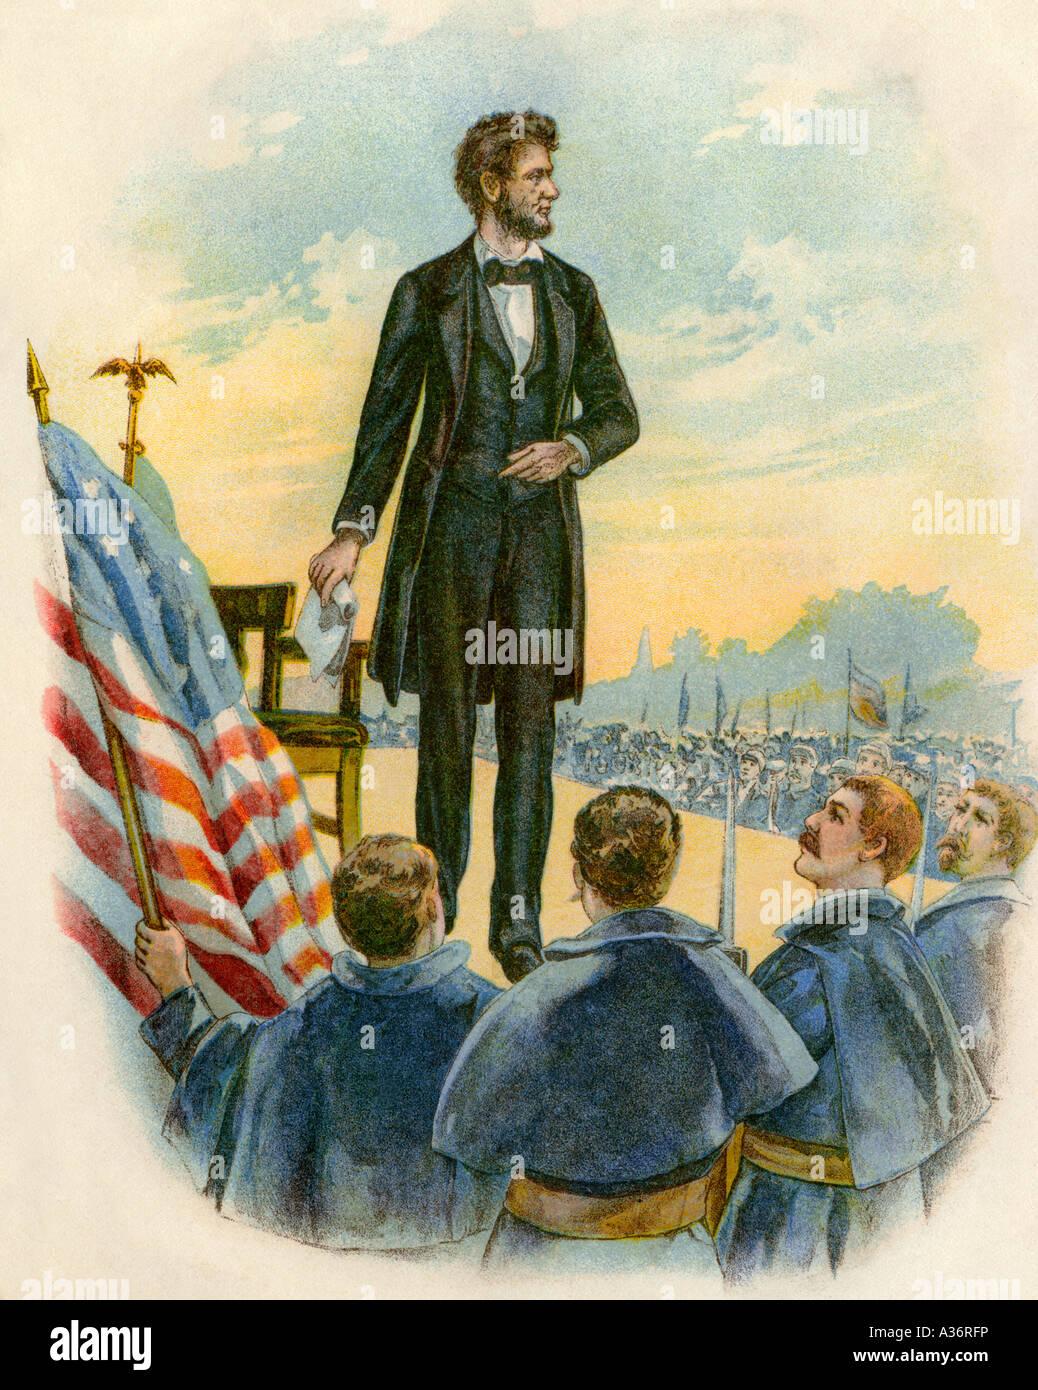 Präsident Abraham Lincoln die Bereitstellung der Gettysburg Address auf dem Schlachtfeld während des Bürgerkriegs Stockbild